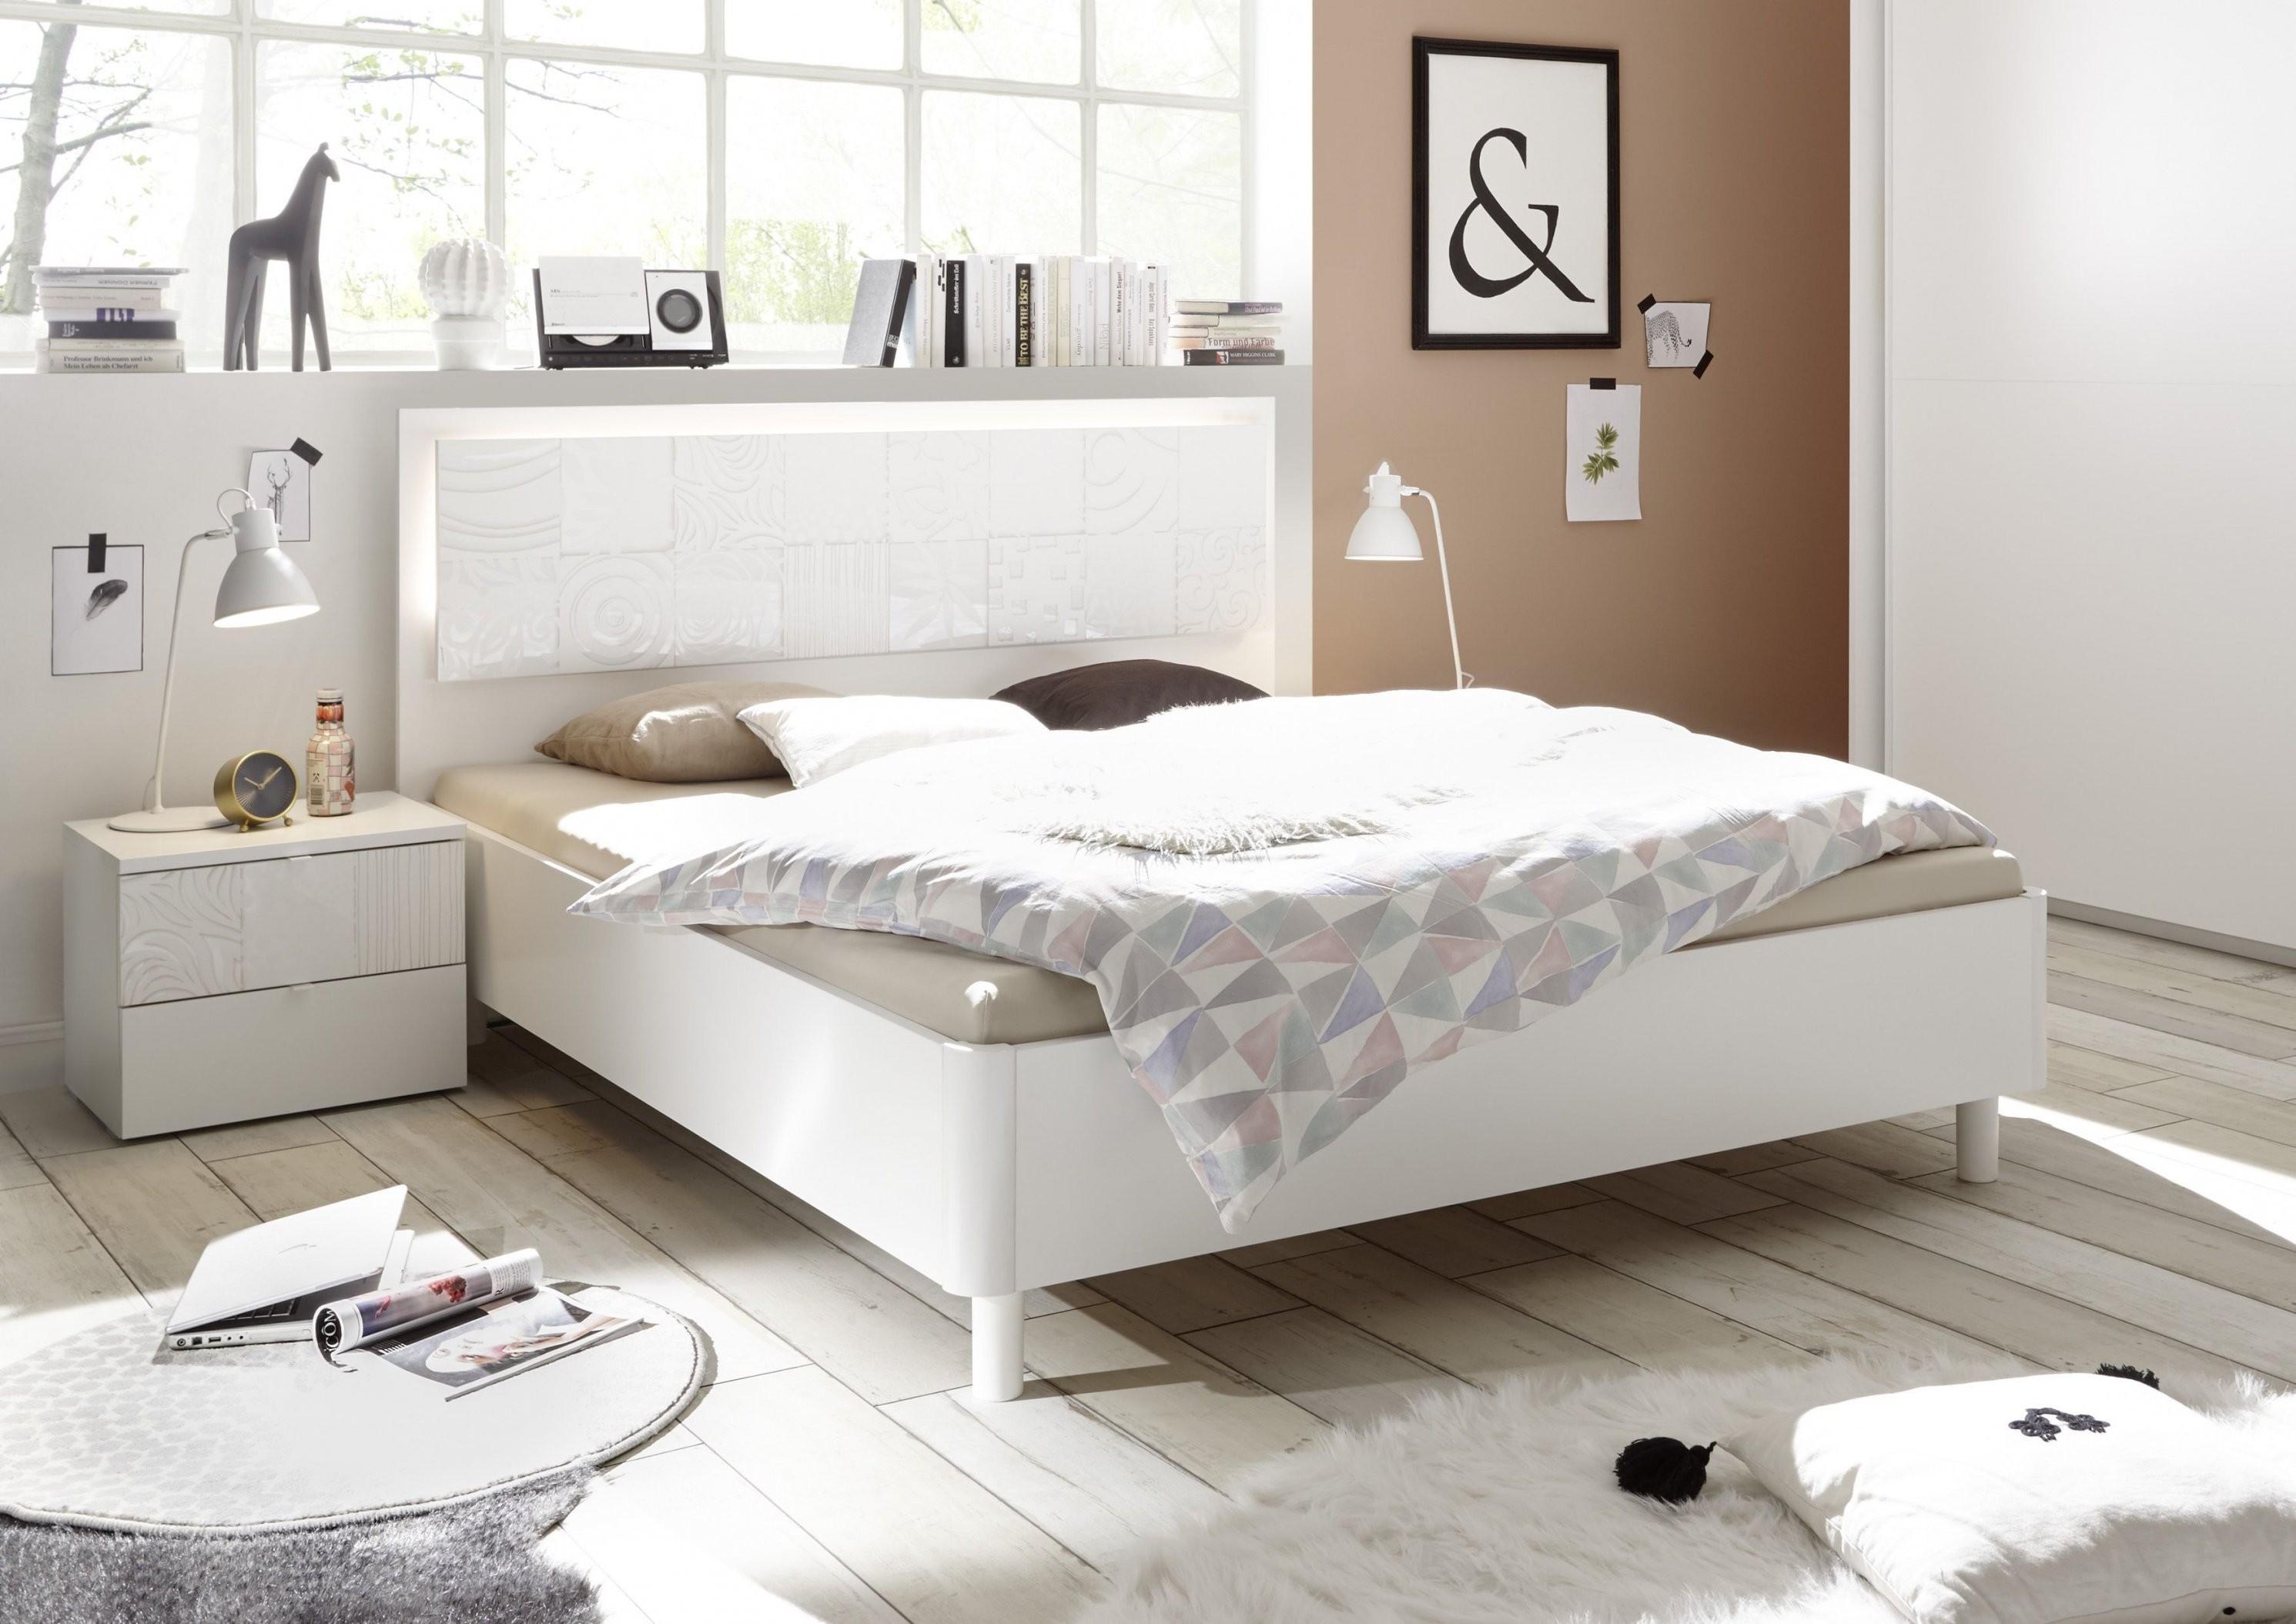 Bett 180 X 200 Cm Mit Nakoset Weiss Matt Mit Siebdruck In Weiss von Bett 180X200 Weiß Hochglanz Photo